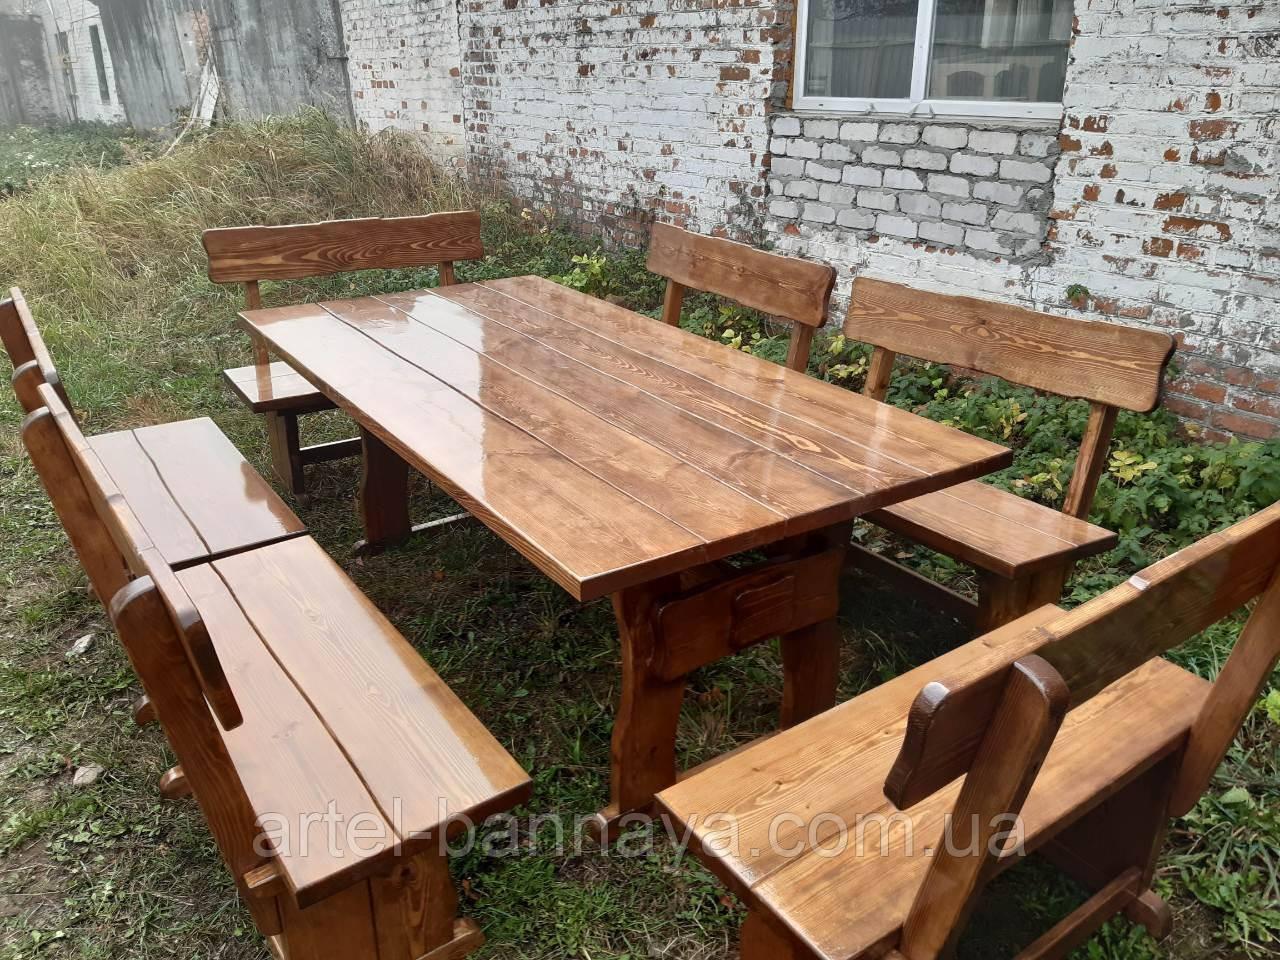 Садовая мебель из массива дерева 2000х1000 от производителя для дачи, баров, комплект Furniture set - 15 Ровенская область